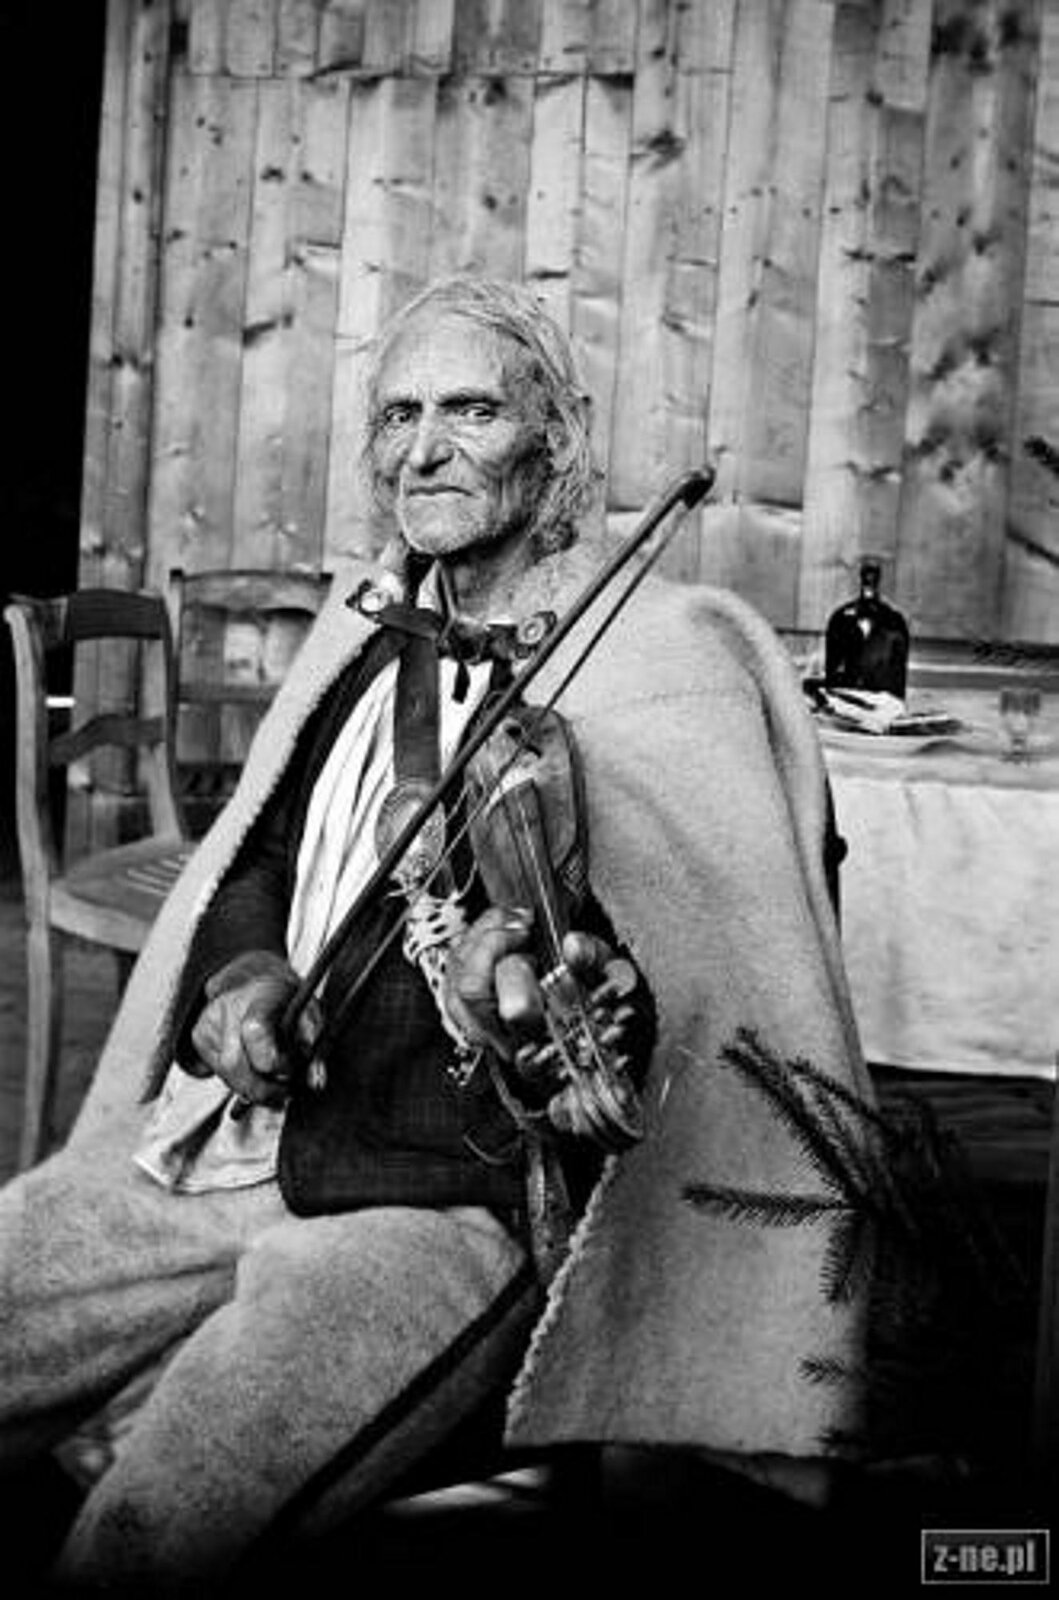 Fotografia przedstawia Jana Krzeptowskiego – legendarny Sabała, najsłynniejszy podhalański skrzypek. Starszy mężczyzna zuśmiechem, siedzi igra na skrzypcach. Ubrany jest wstrój góralski.